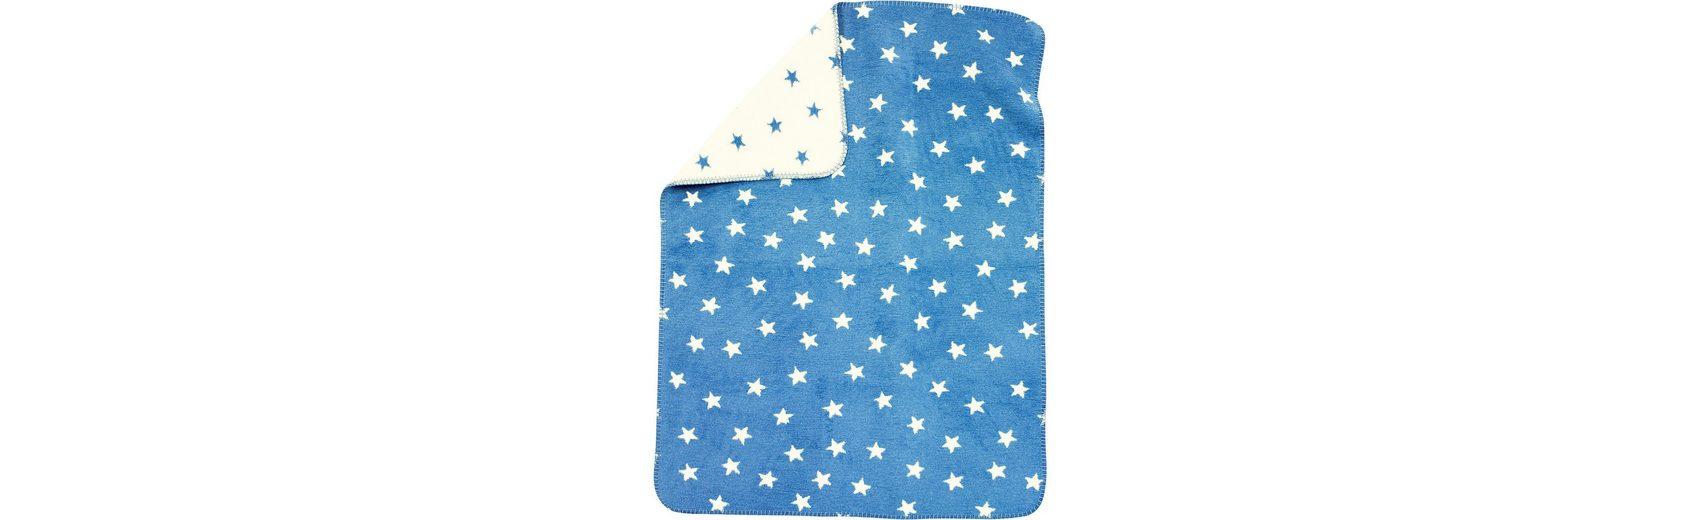 Alvi Babydecke mit UV-Schutz, Baumwolle, Sterne blau, 75 x 100 cm